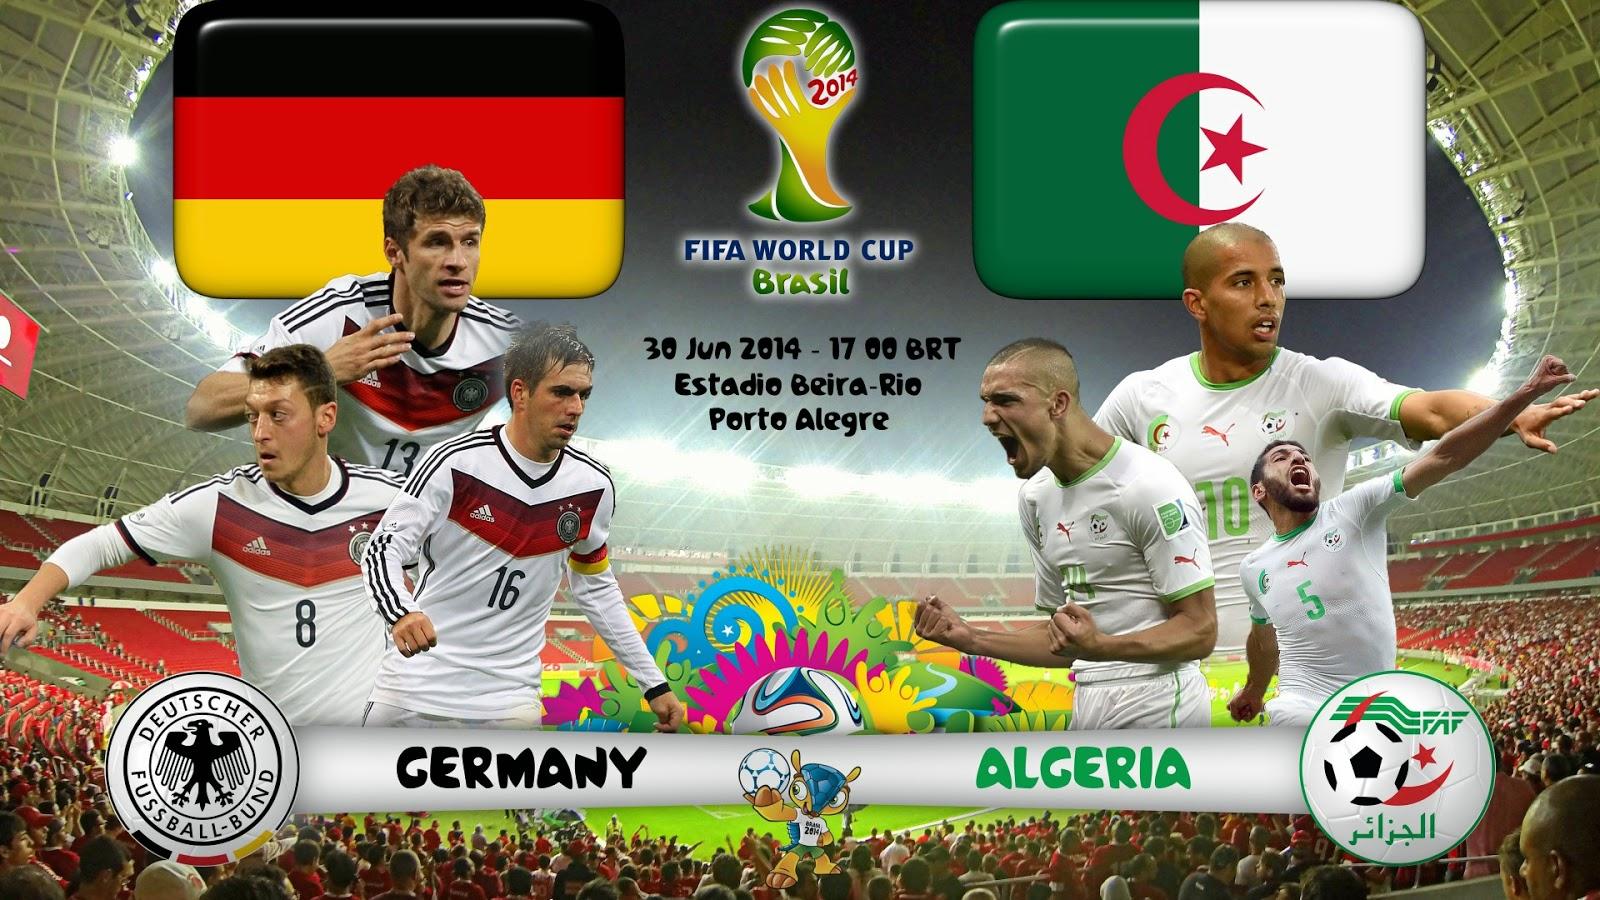 jerman VS algeria